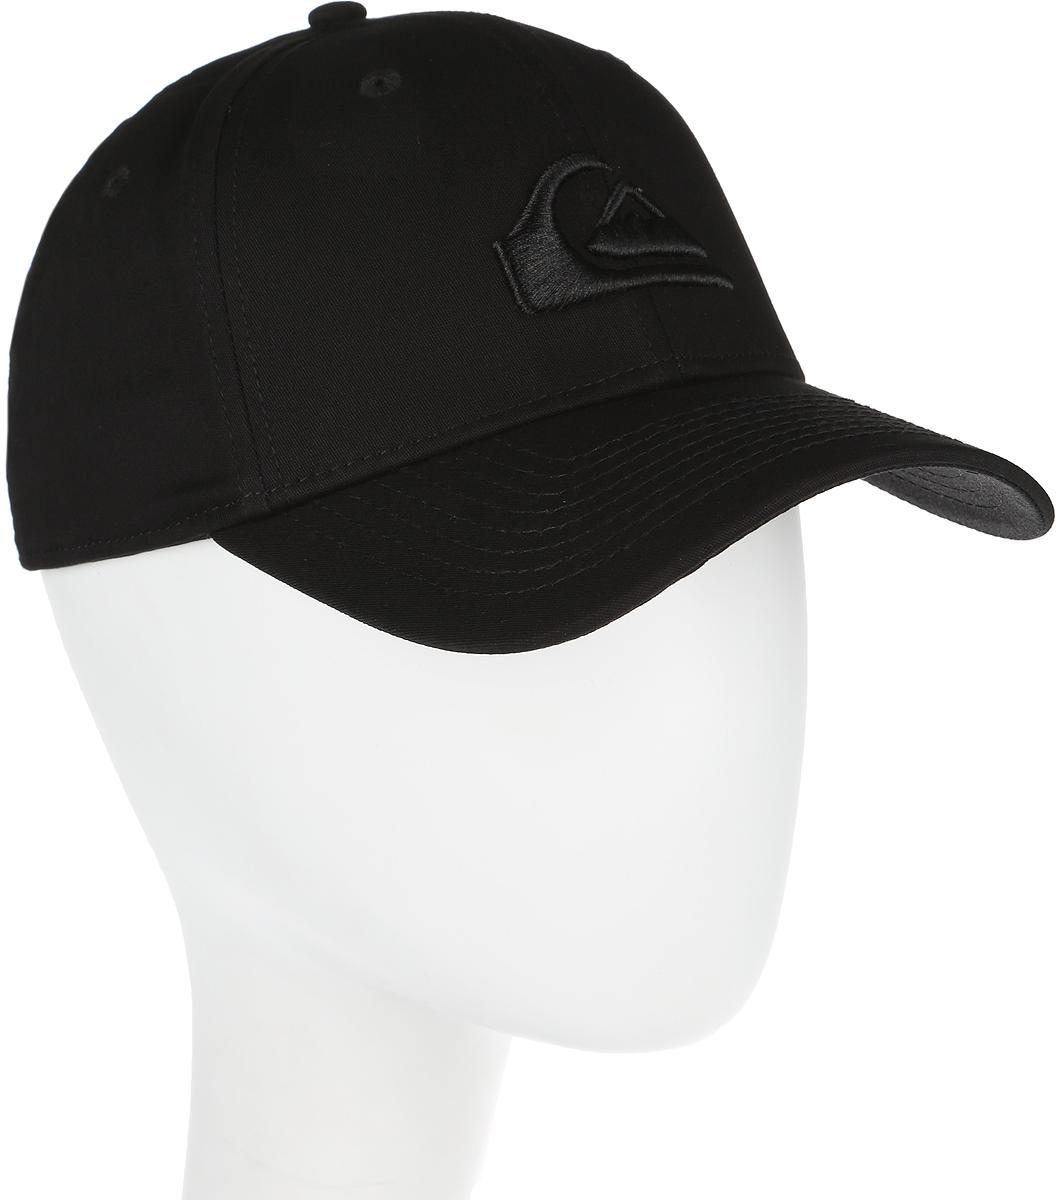 Бейсболка мужская Quiksilver M&W, цвет: черный. AQYHA03487-KVJ0. Размер S/M (54/56)AQYHA03487-KVJ0Стильная бейсболка Quiksilver, выполненная из хлопка, идеально подойдет для прогулок, занятия спортом и отдыха. Изделие оформлено вышивкой с логотипом бренда